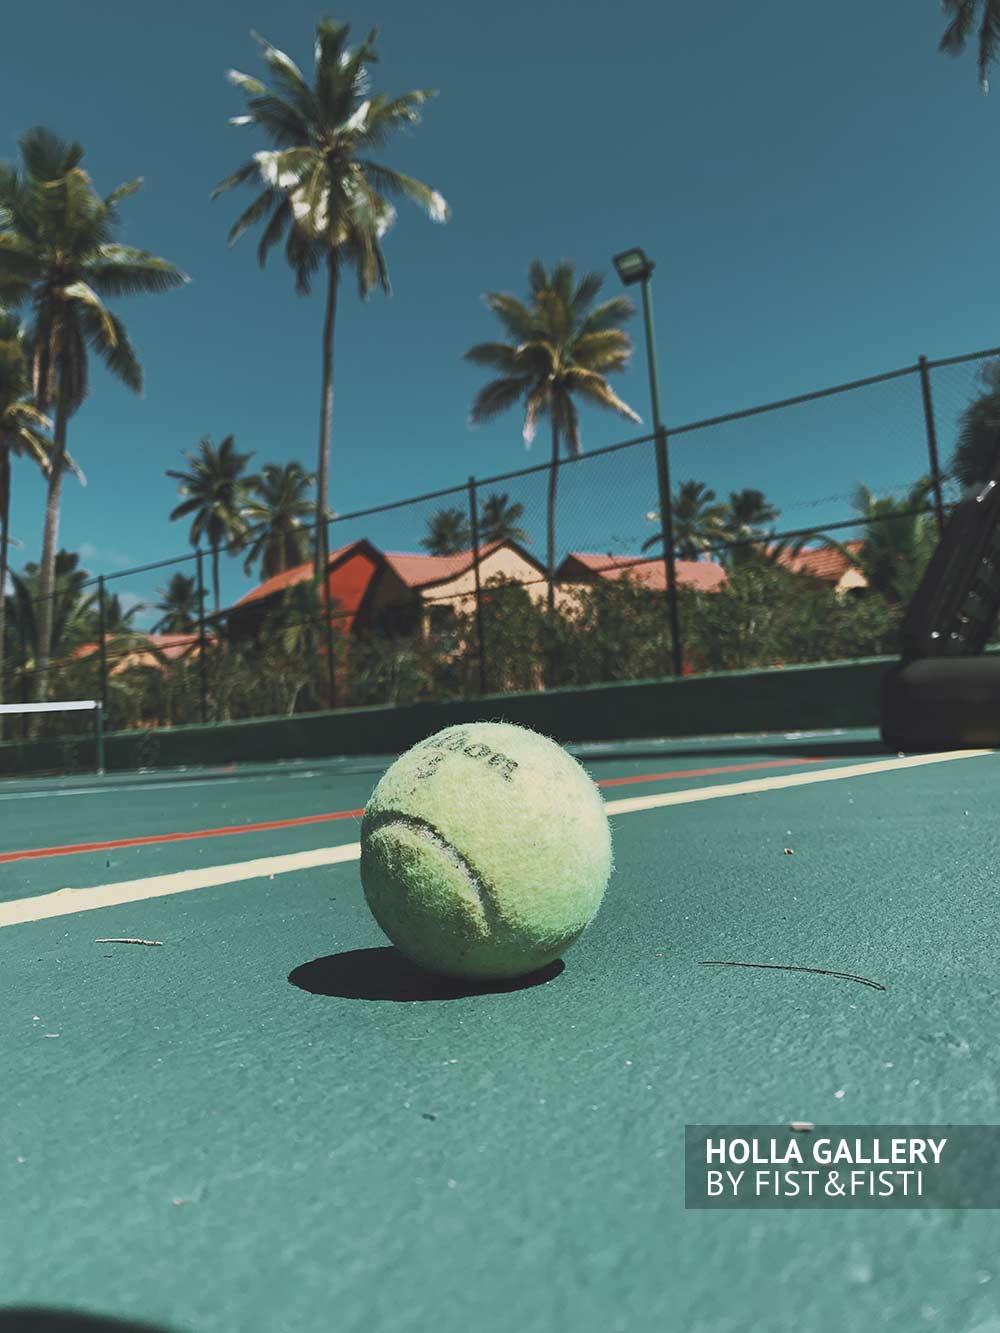 Мяч на теннисном корте на фоне коттеджей и высоких пальм Доминиканской Республики